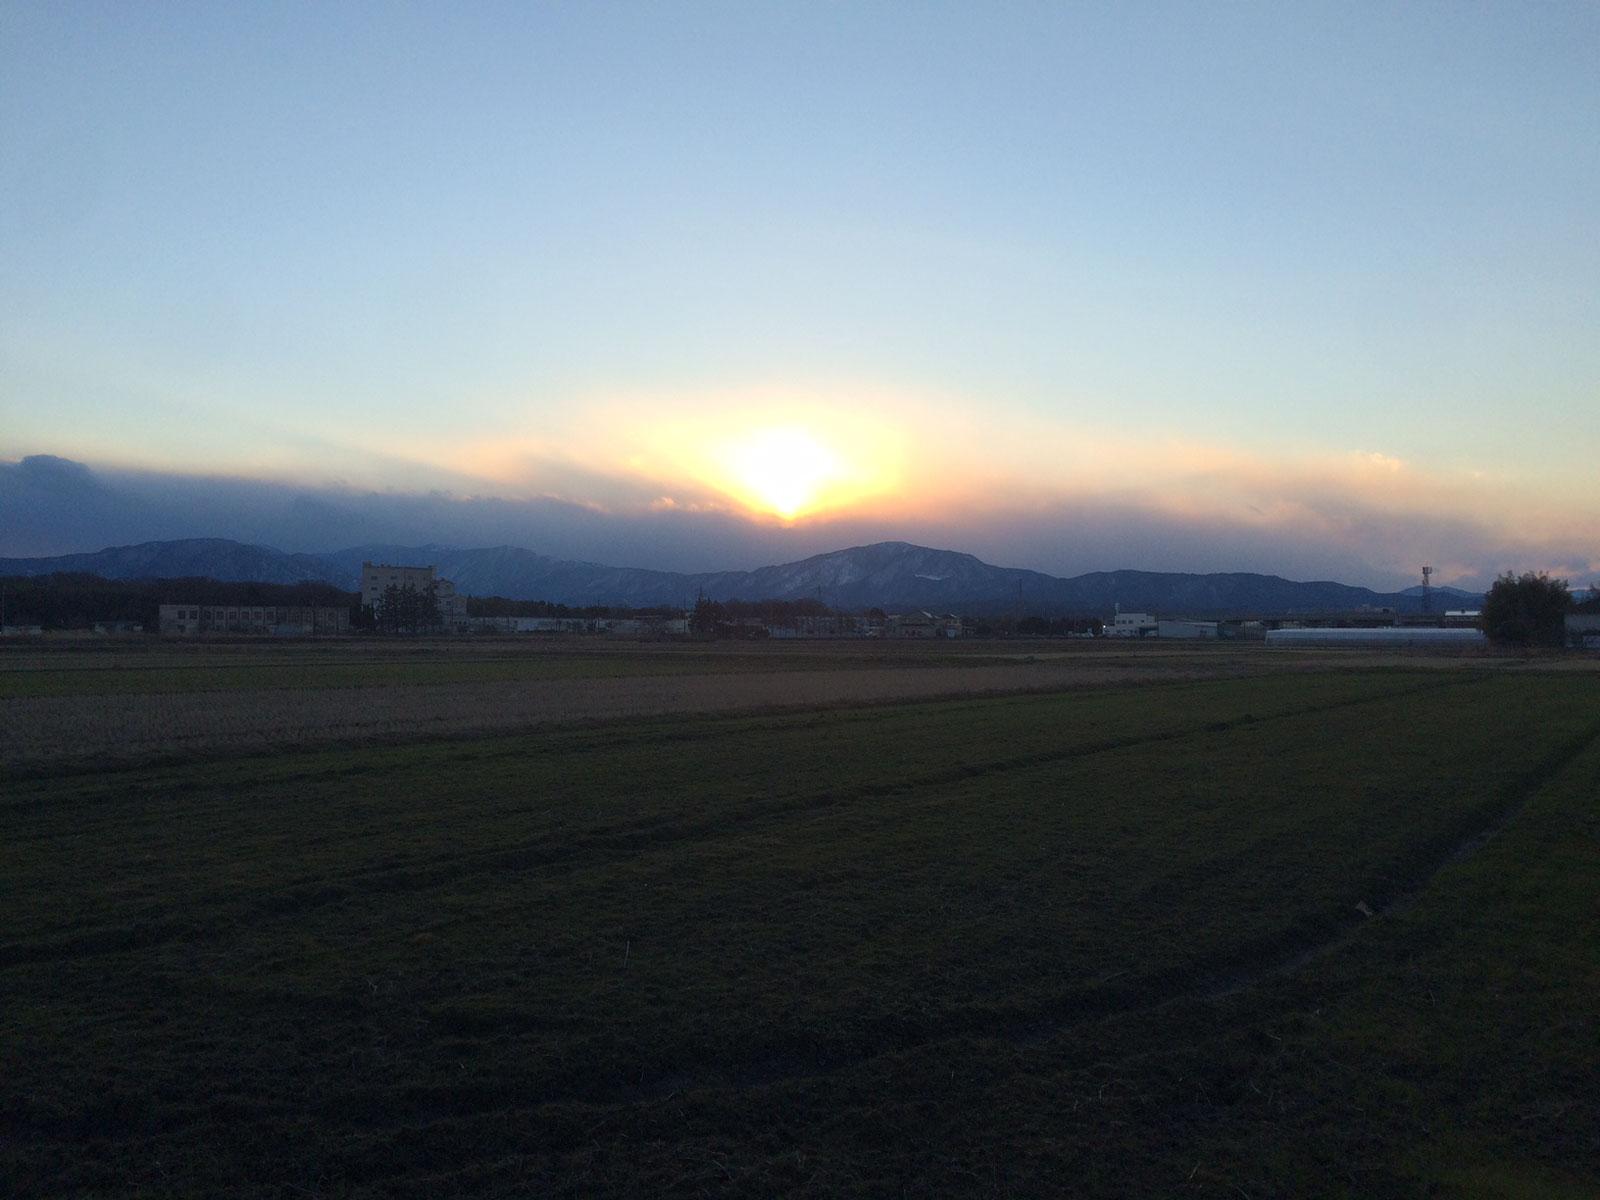 琵琶湖の西、山を越える夕陽